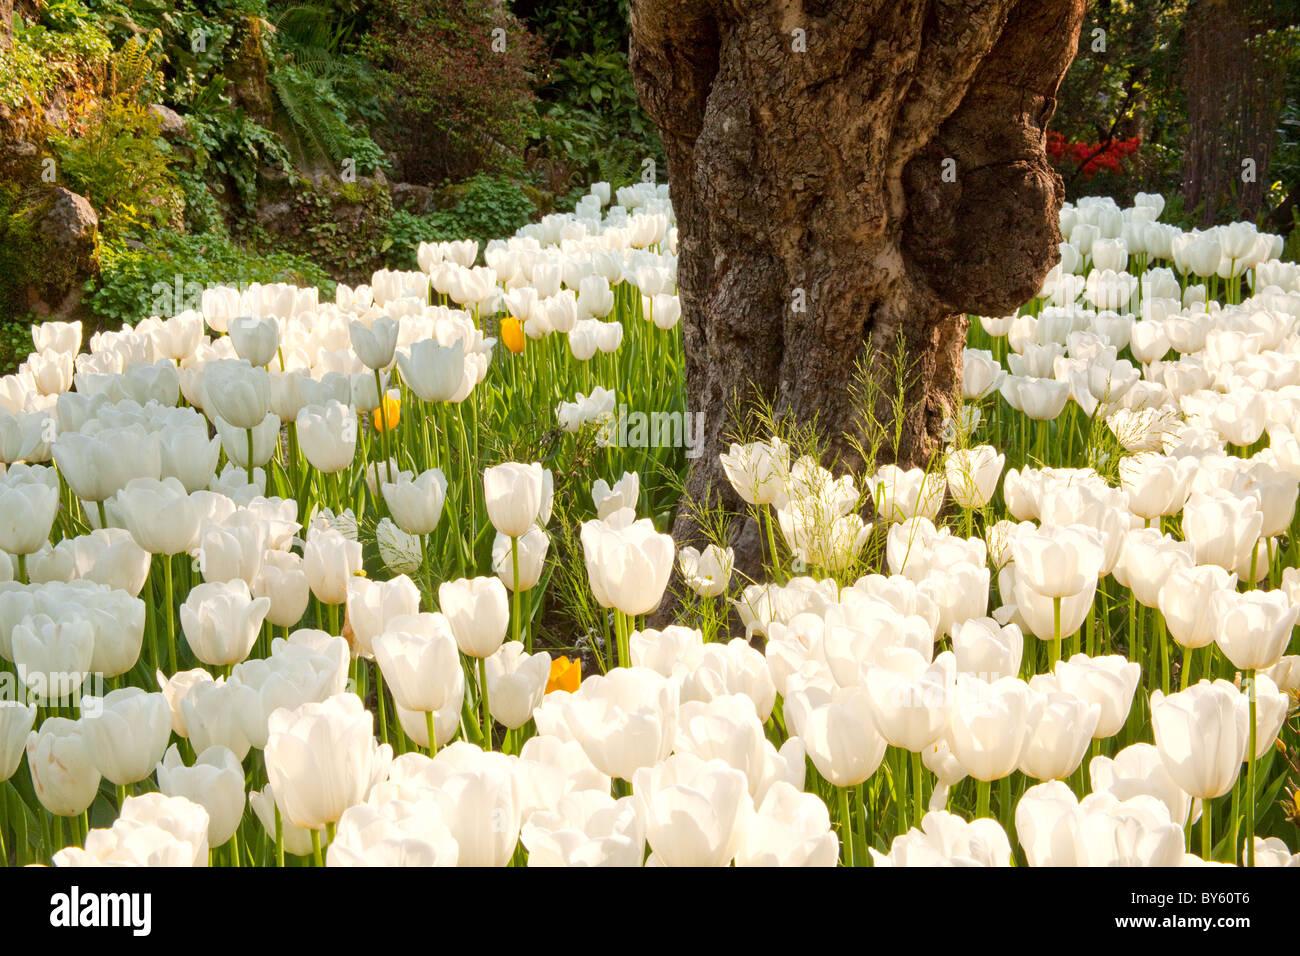 Weiße Tulpen Wachsen Runde Knorrigen Stamm In Andre Heller